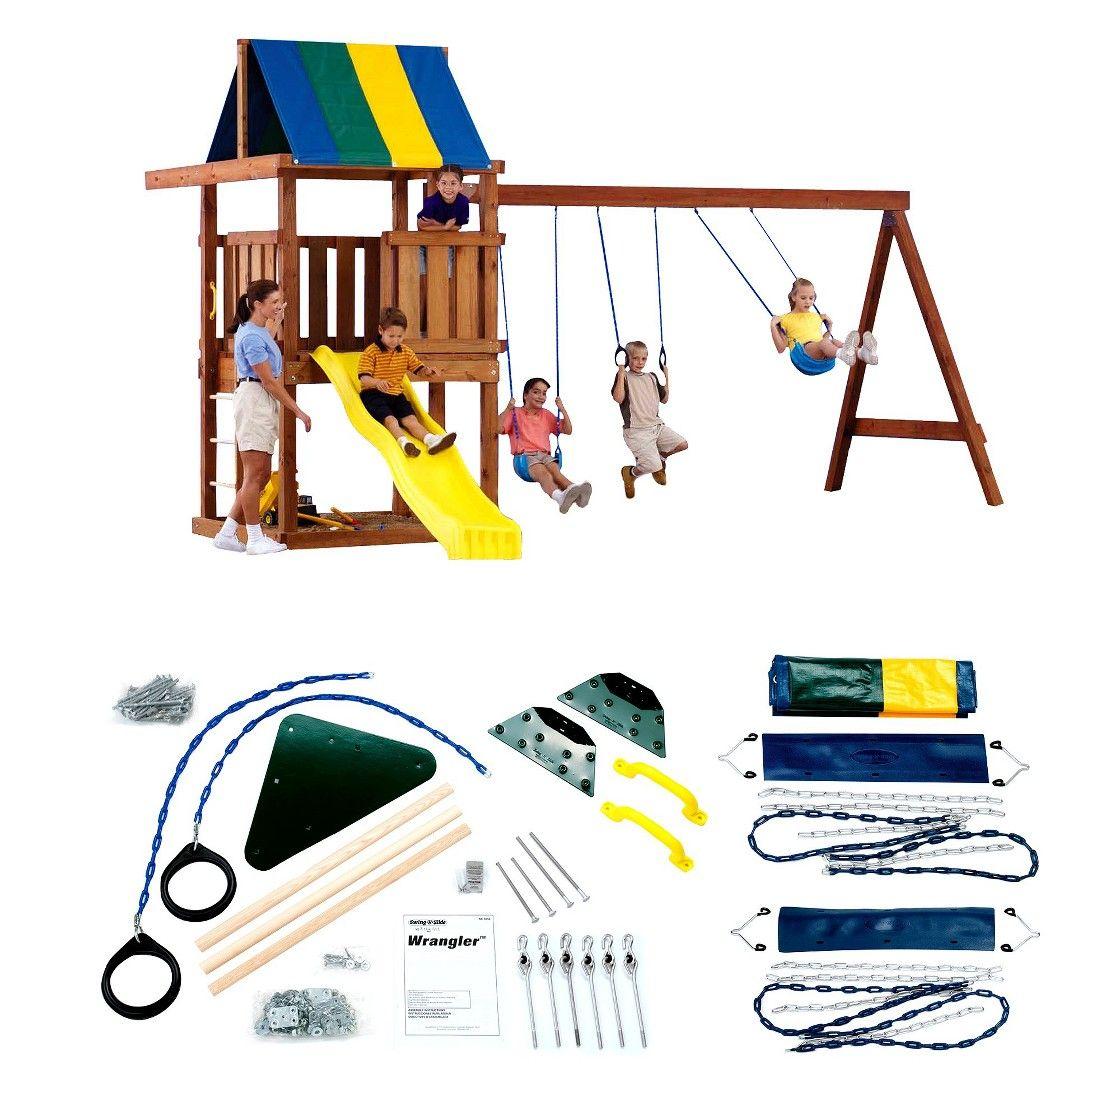 SwingNSlide Wrangler DIY Play Set Hardware Kit